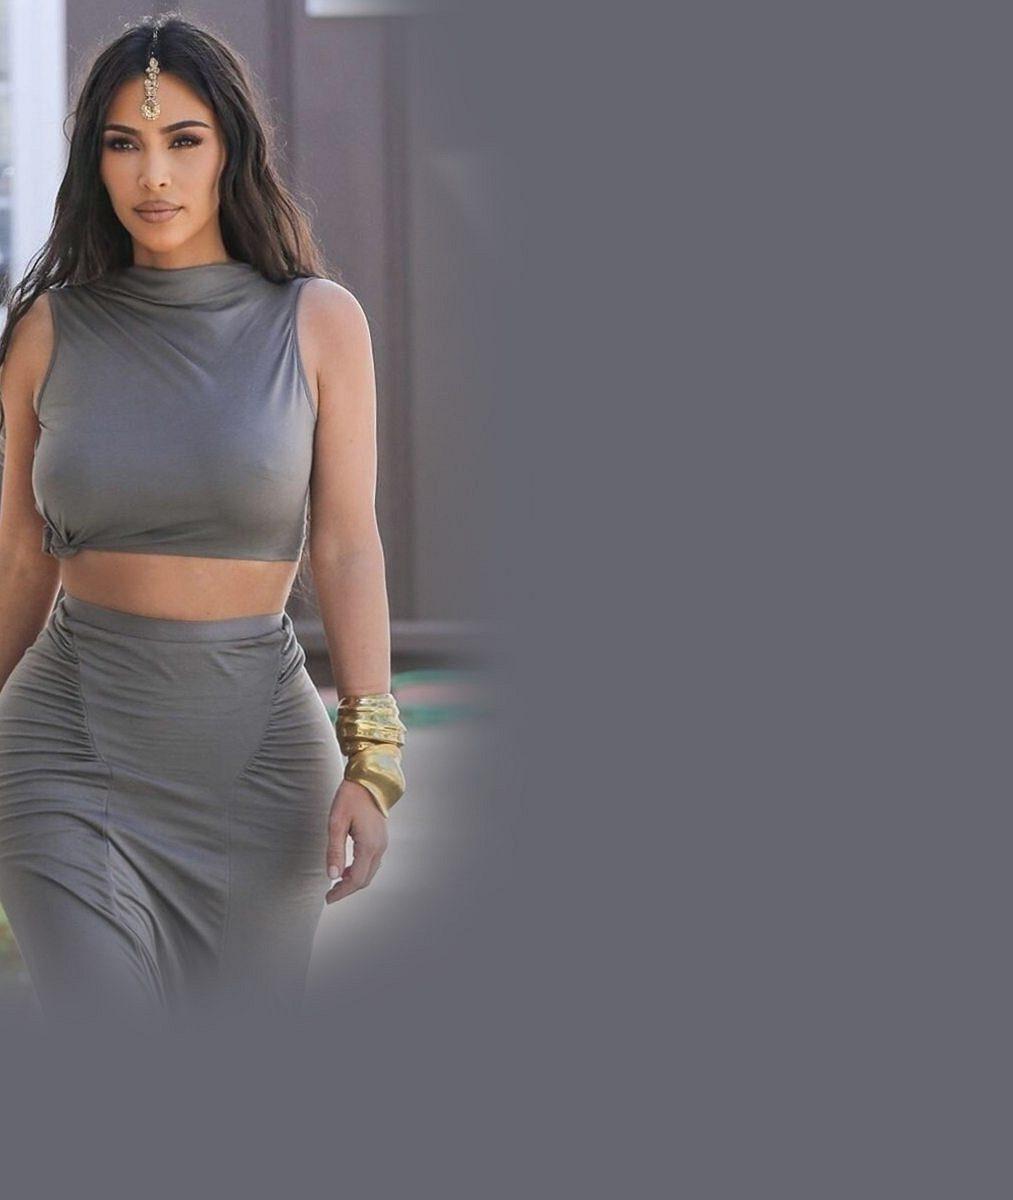 Lékaři jí konečně sdělili diagnózu: Kim Kardashian trpí nepříjemným chronickým onemocněním